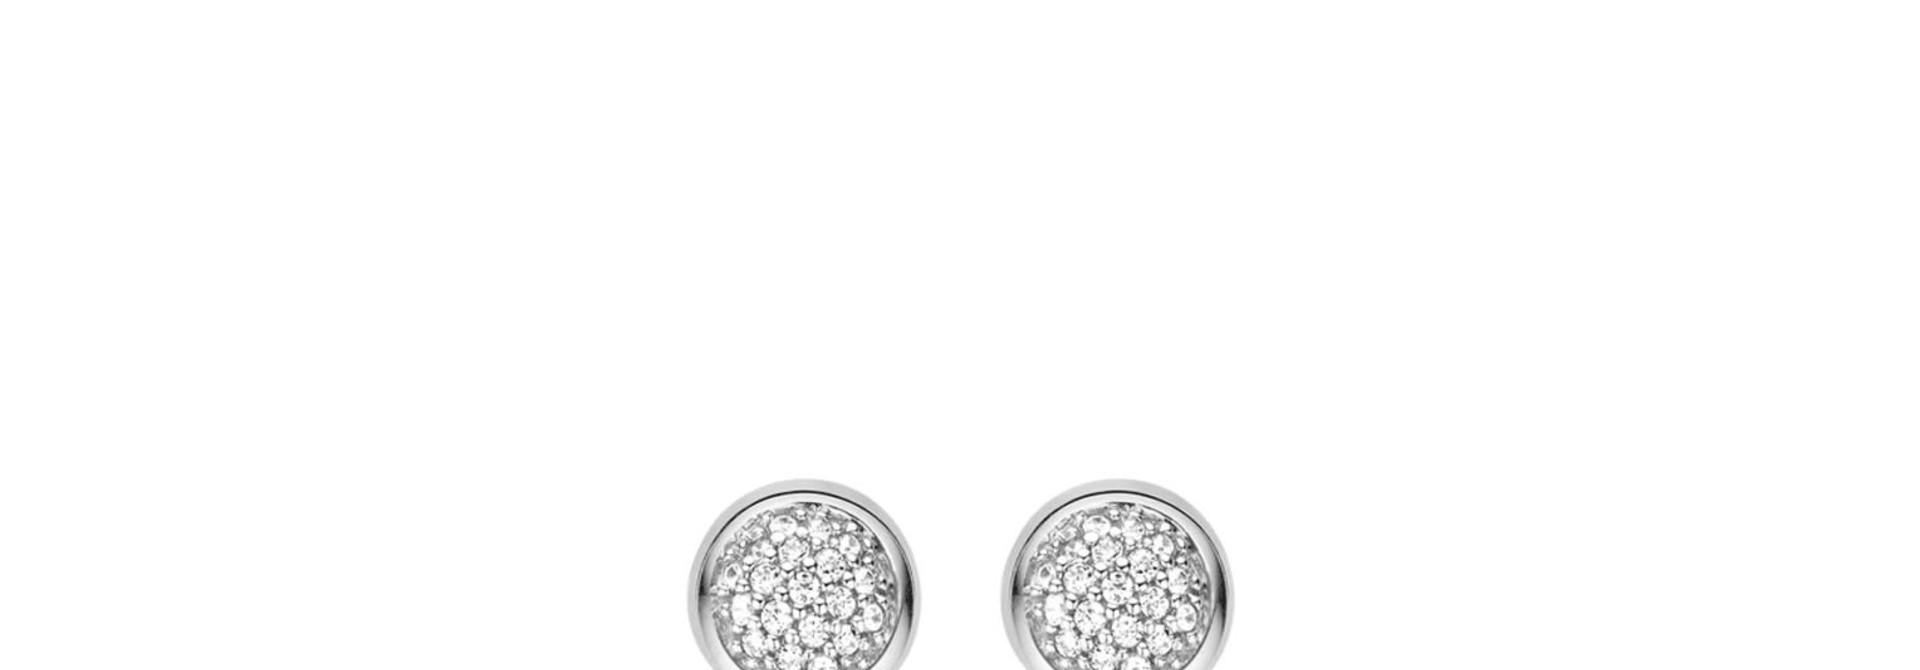 TI SENTO - Milano Earrings 7732ZI